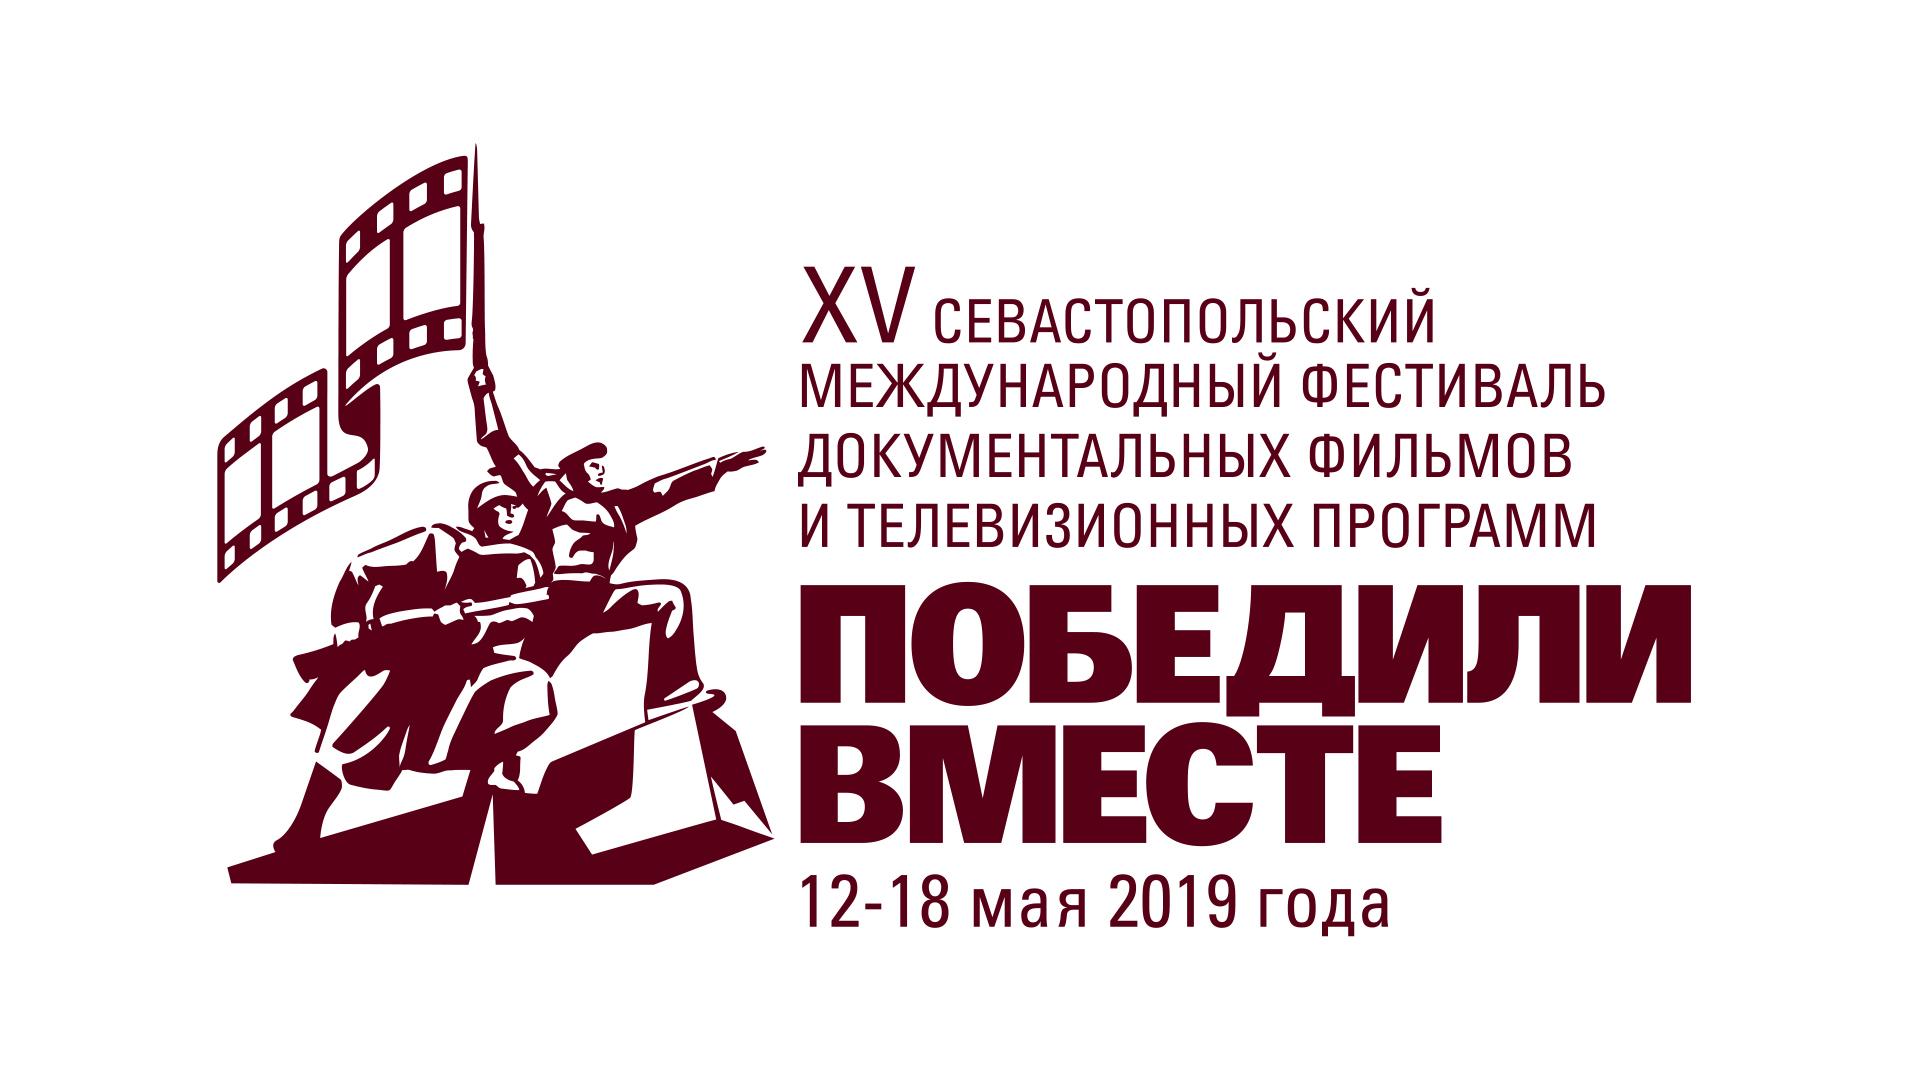 pobedili-vmeste-XV-press-logo